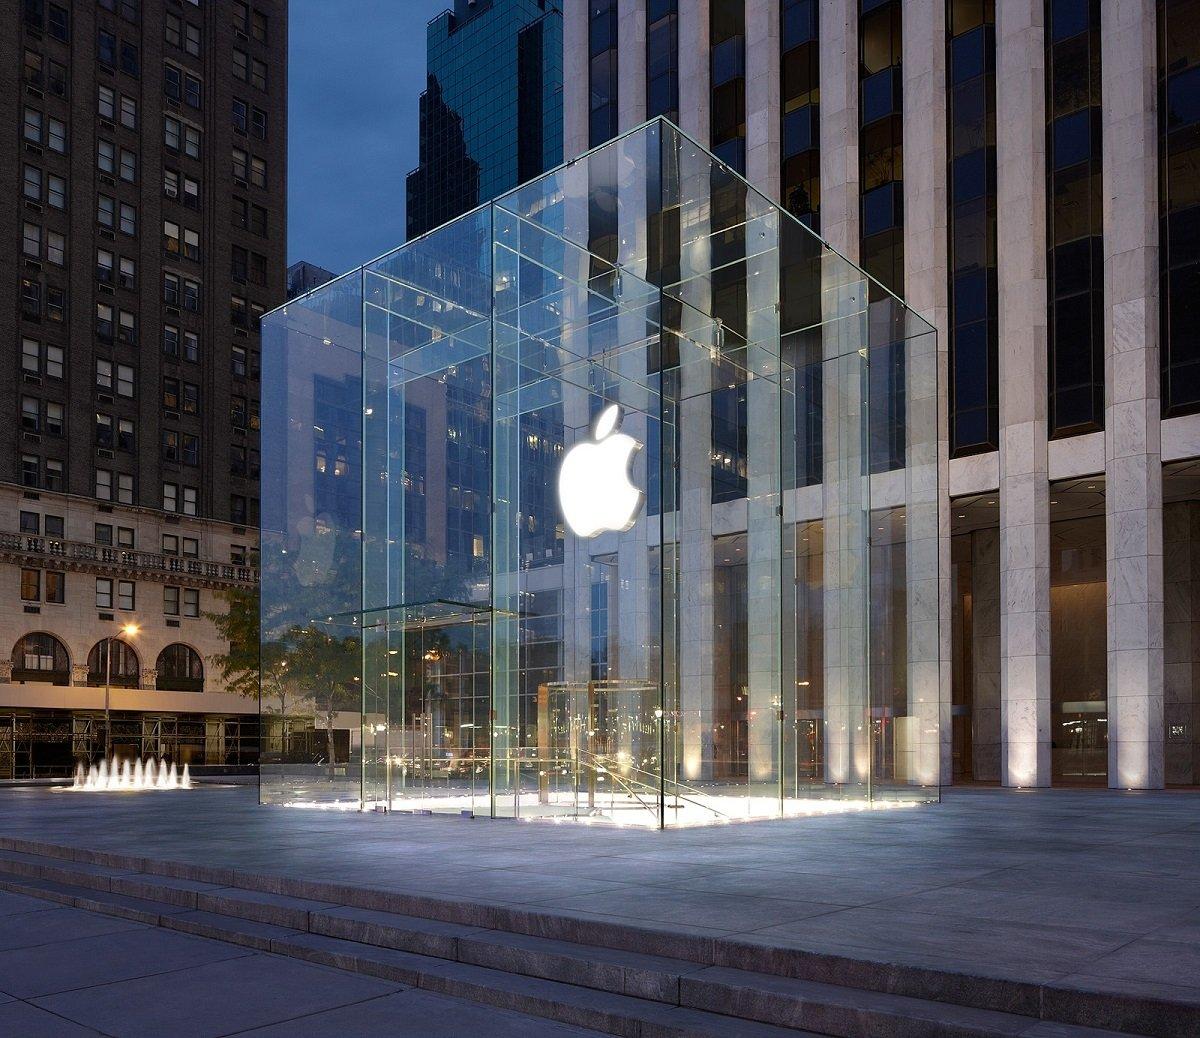 Spotify-ın şikayətləri nəticəsində Apple 27 milyard dollar dəyərində cərimələnə bilər